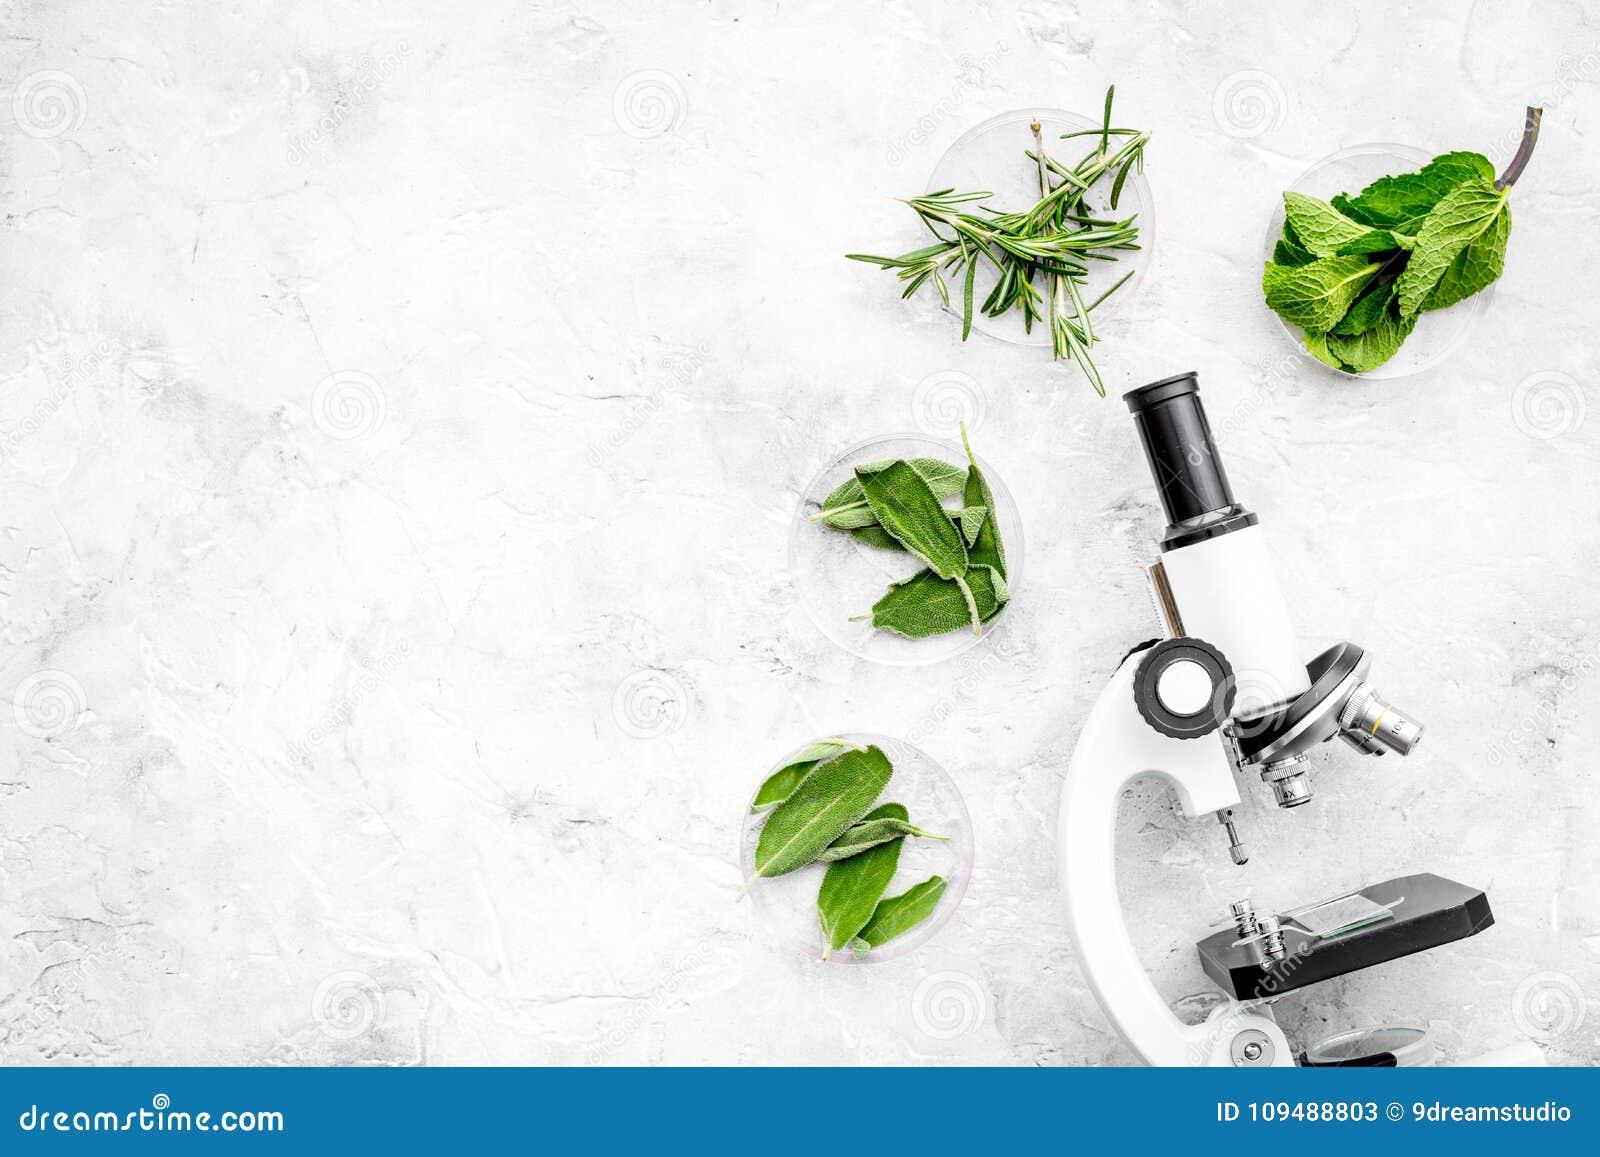 食品分析 杀虫剂释放菜 草本迷迭香,在灰色背景顶视图拷贝空间的薄荷的近的显微镜